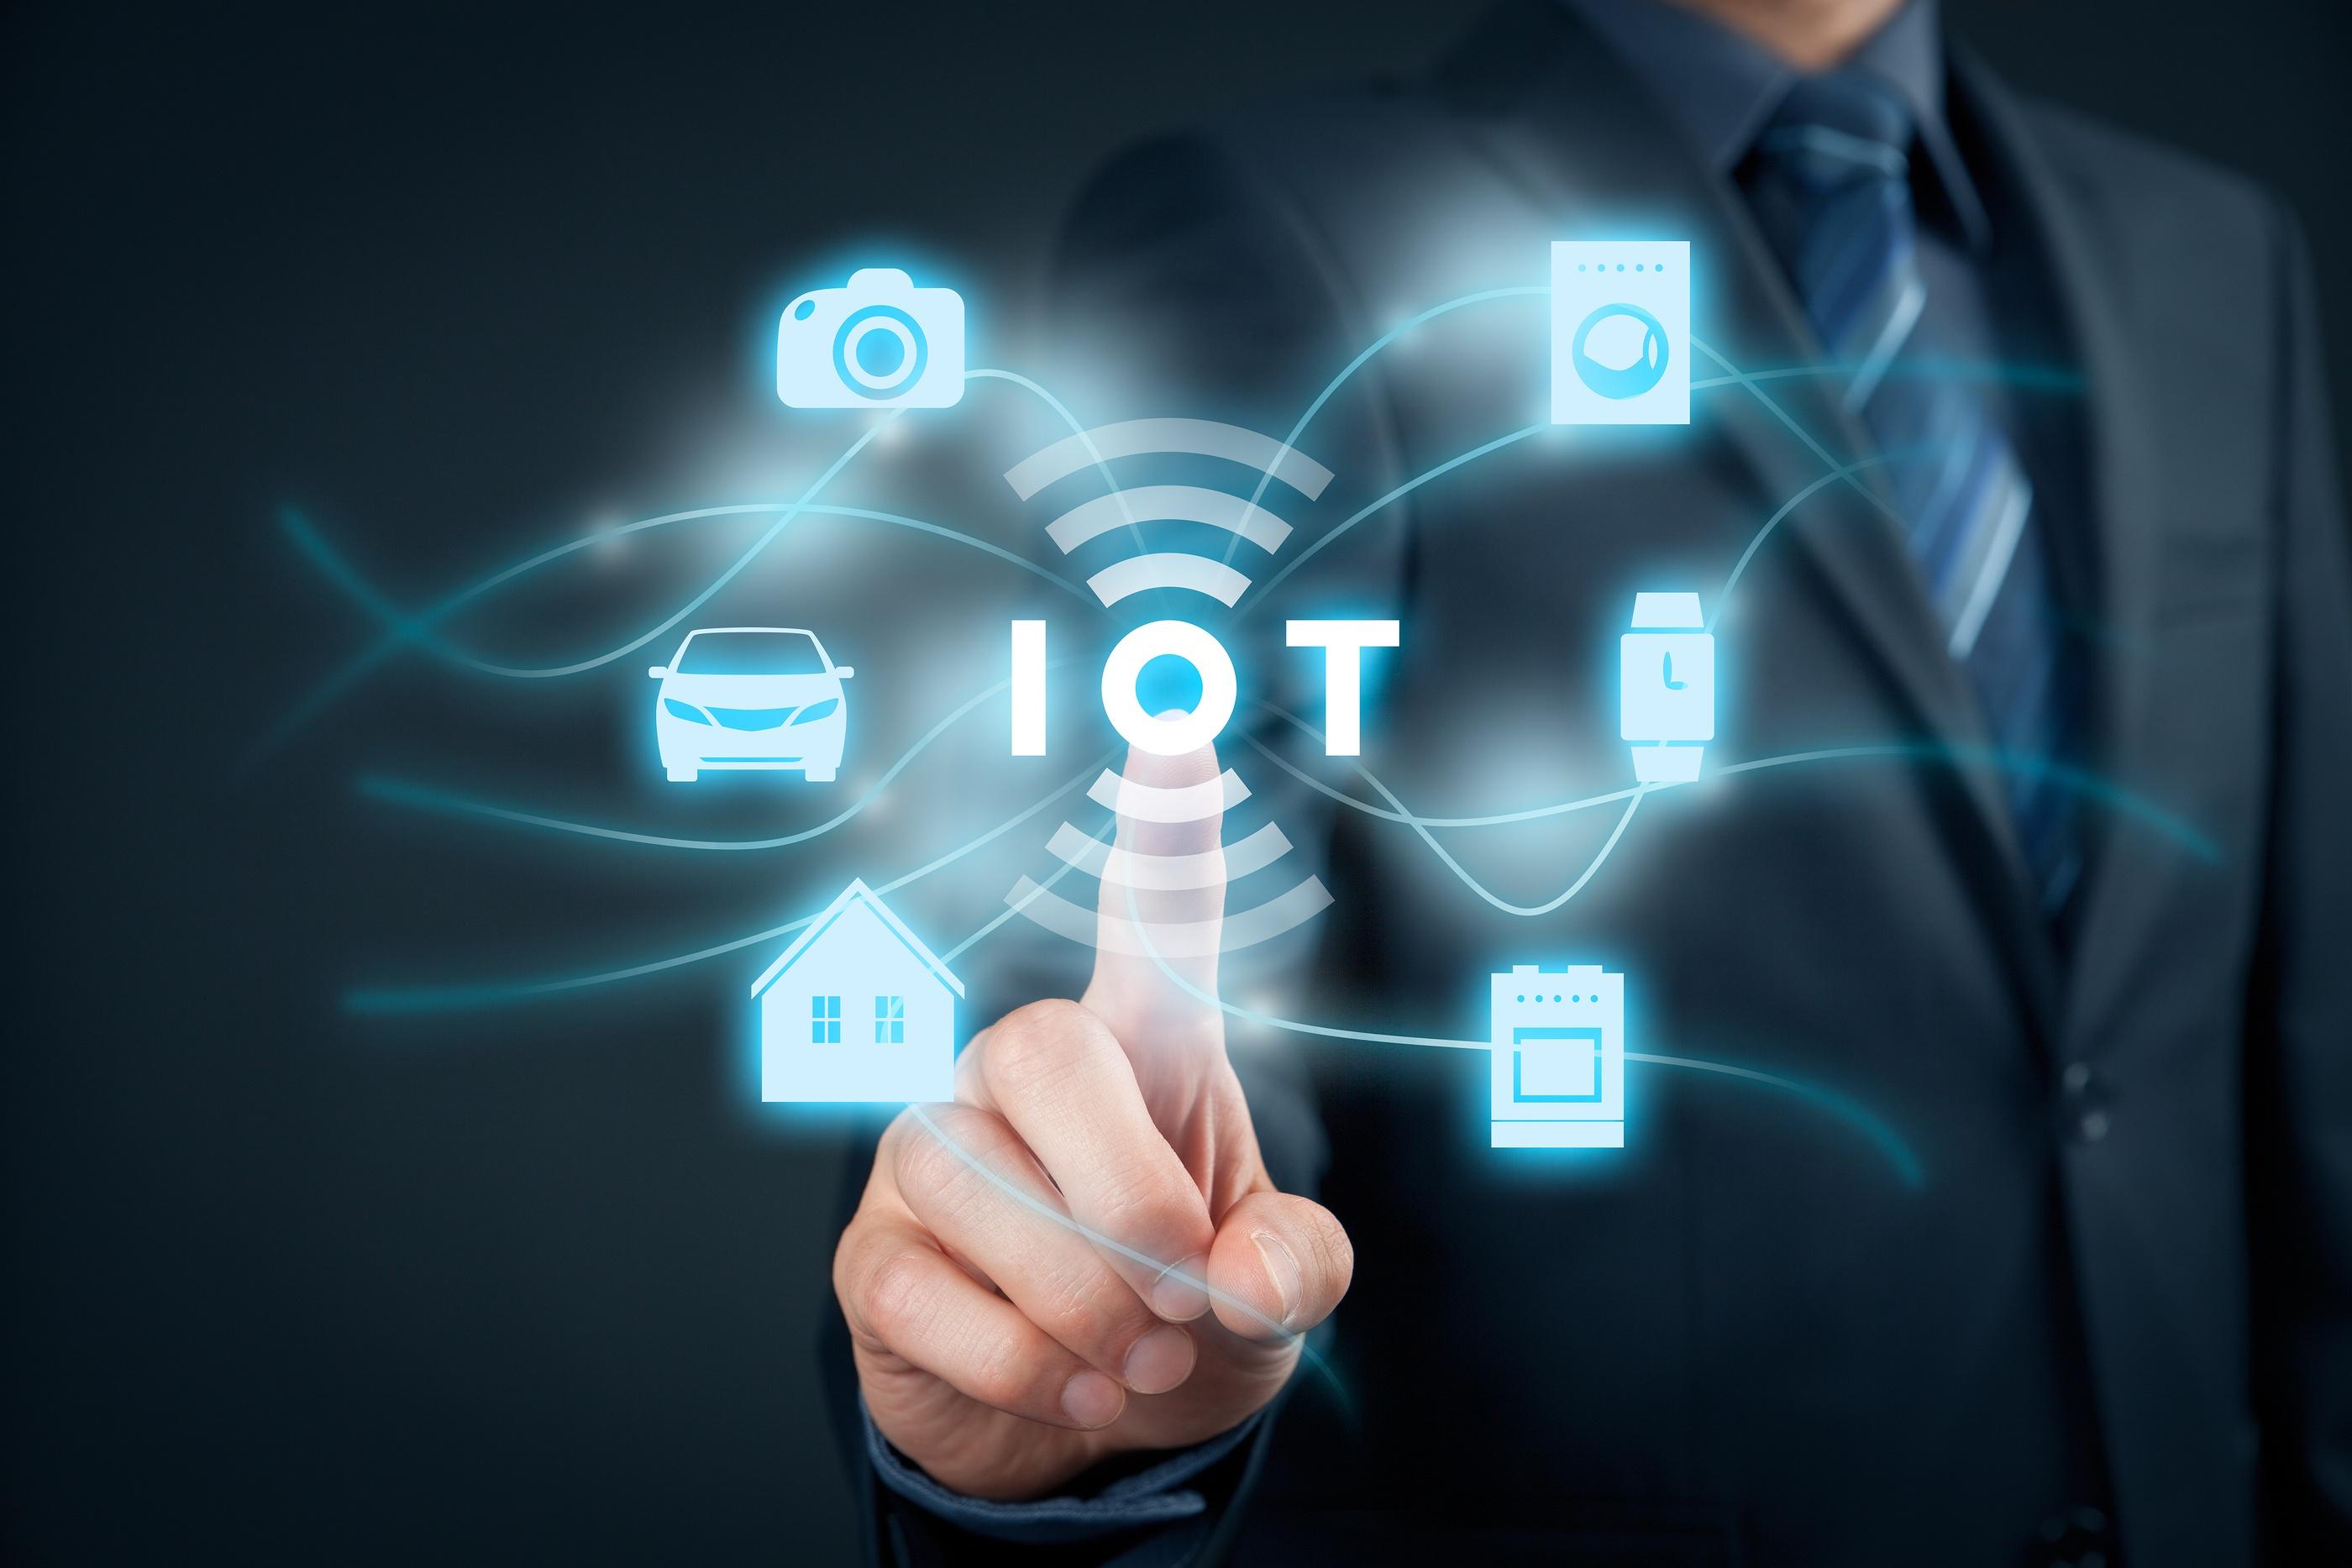 Интернету вещей необходимо законодательное регулирование